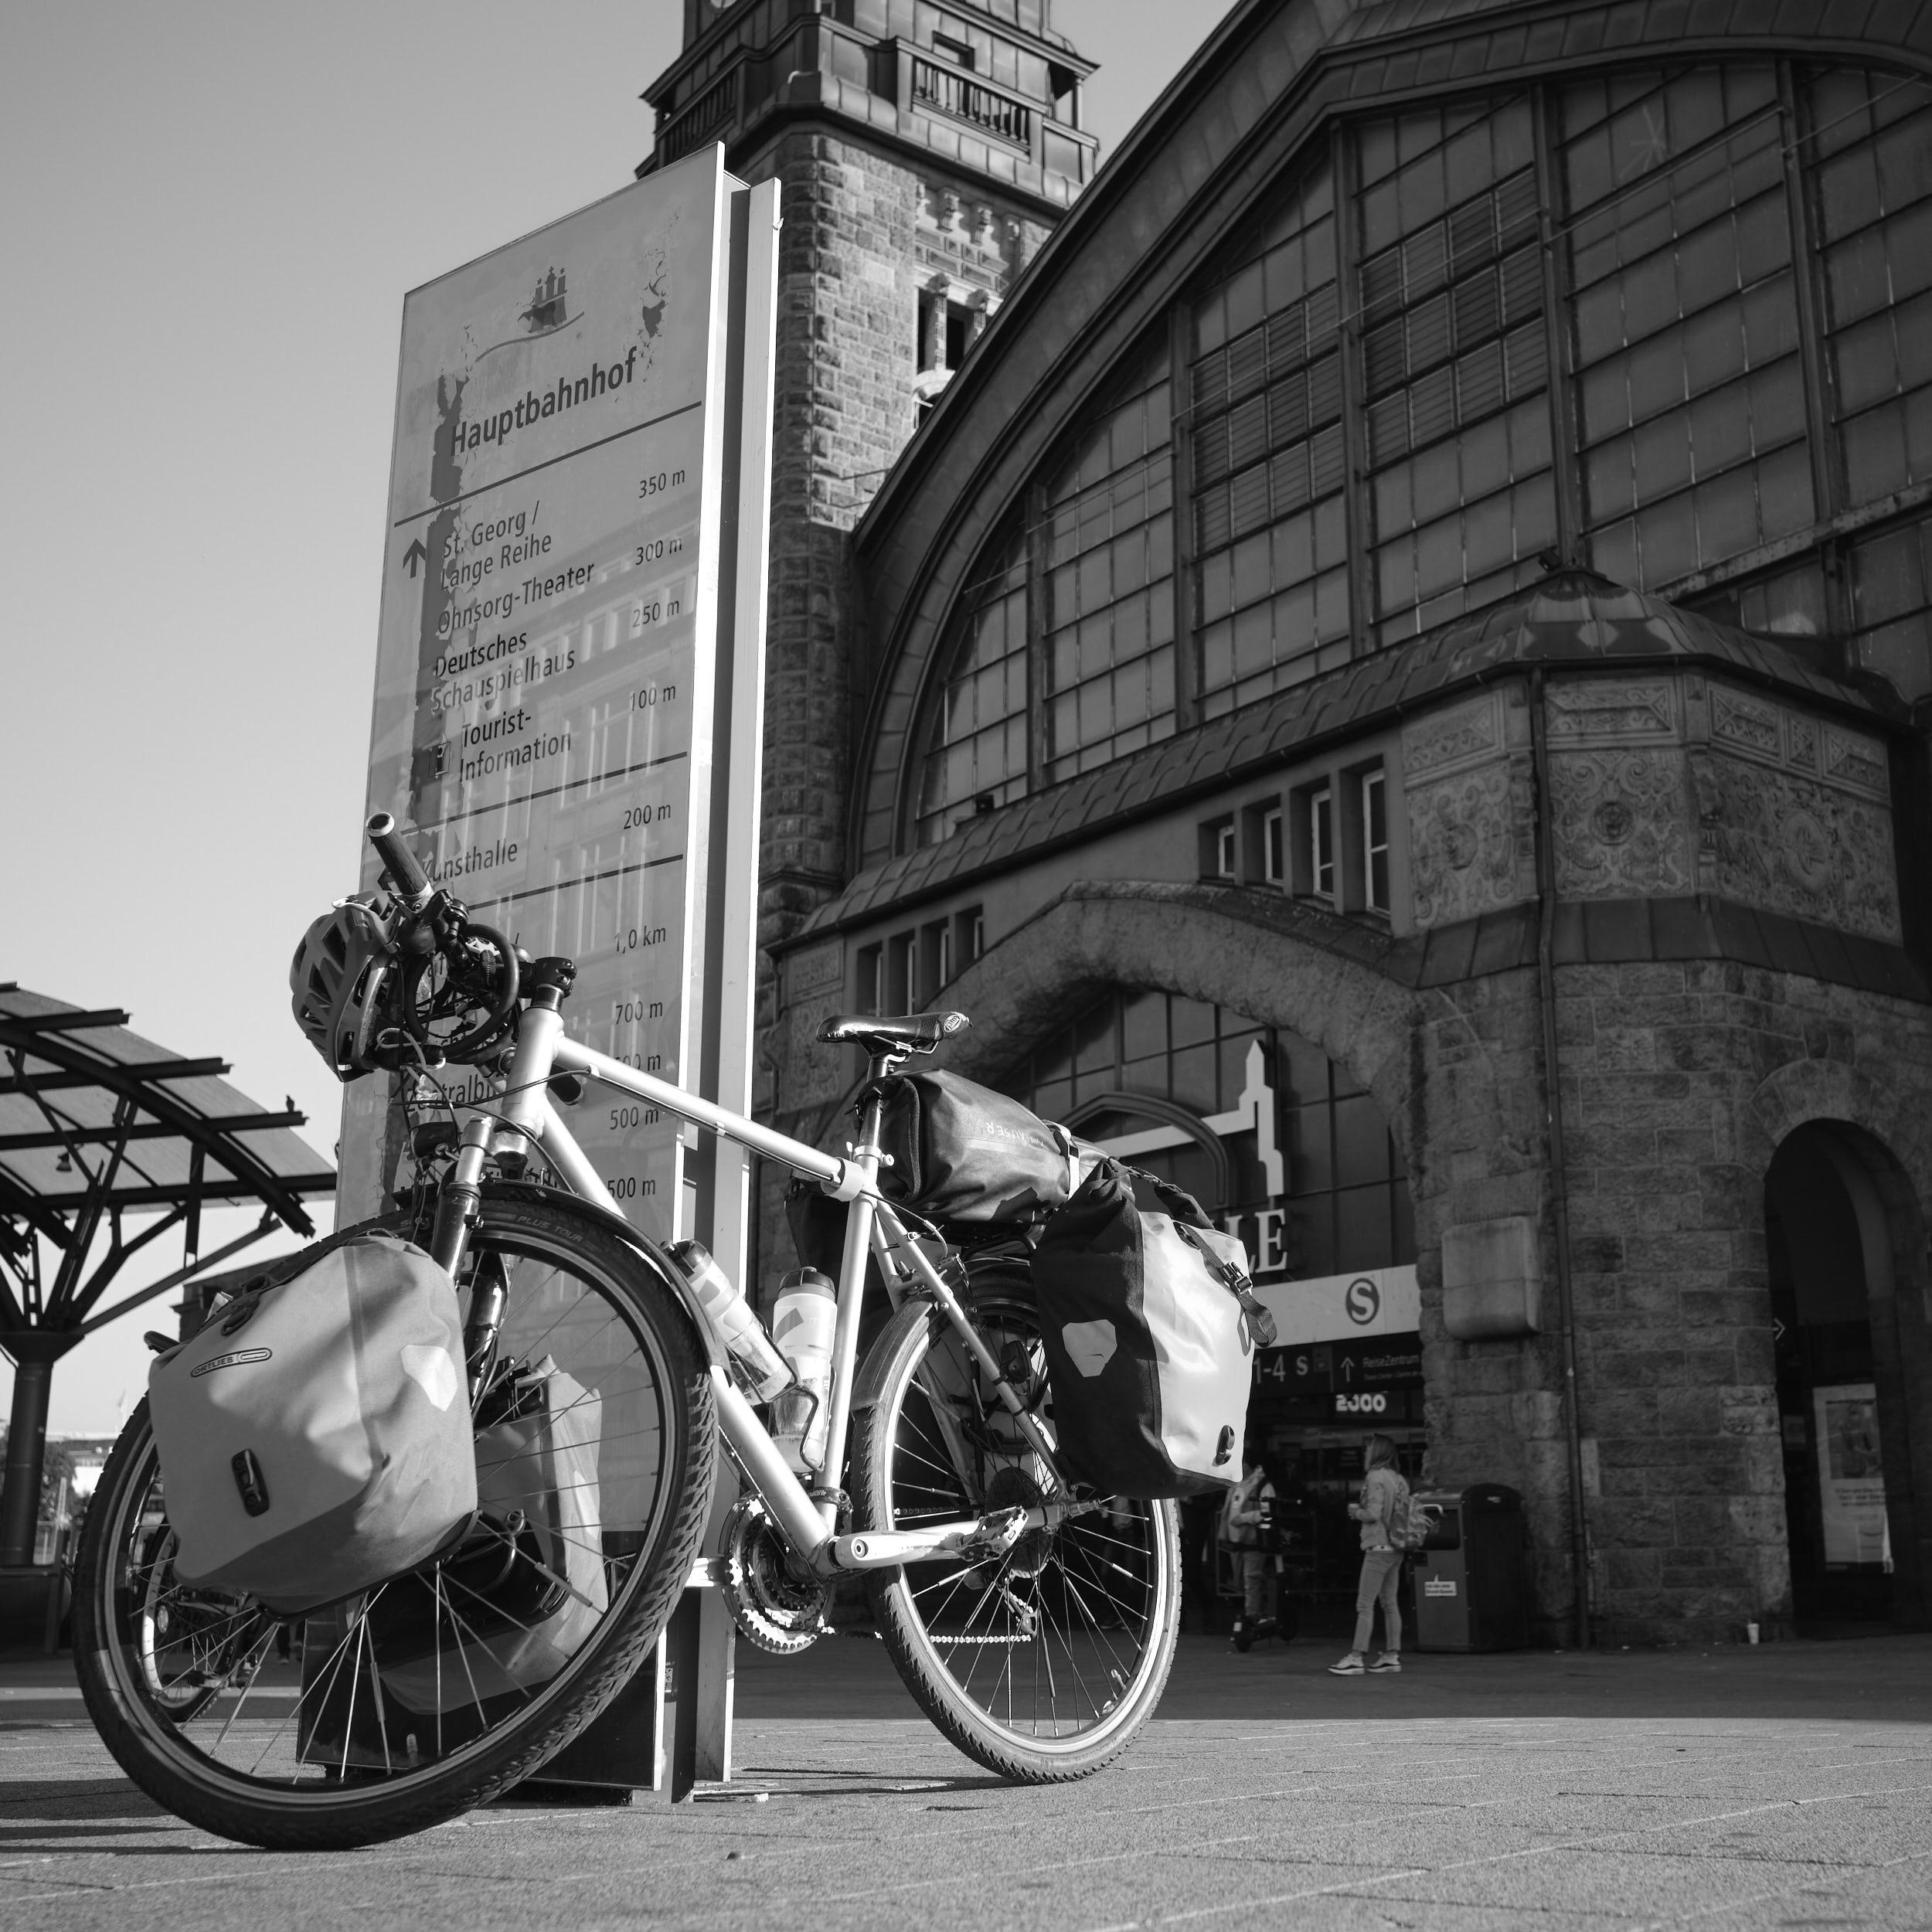 Fahrrad vor Hauptbahnhof Hamburg